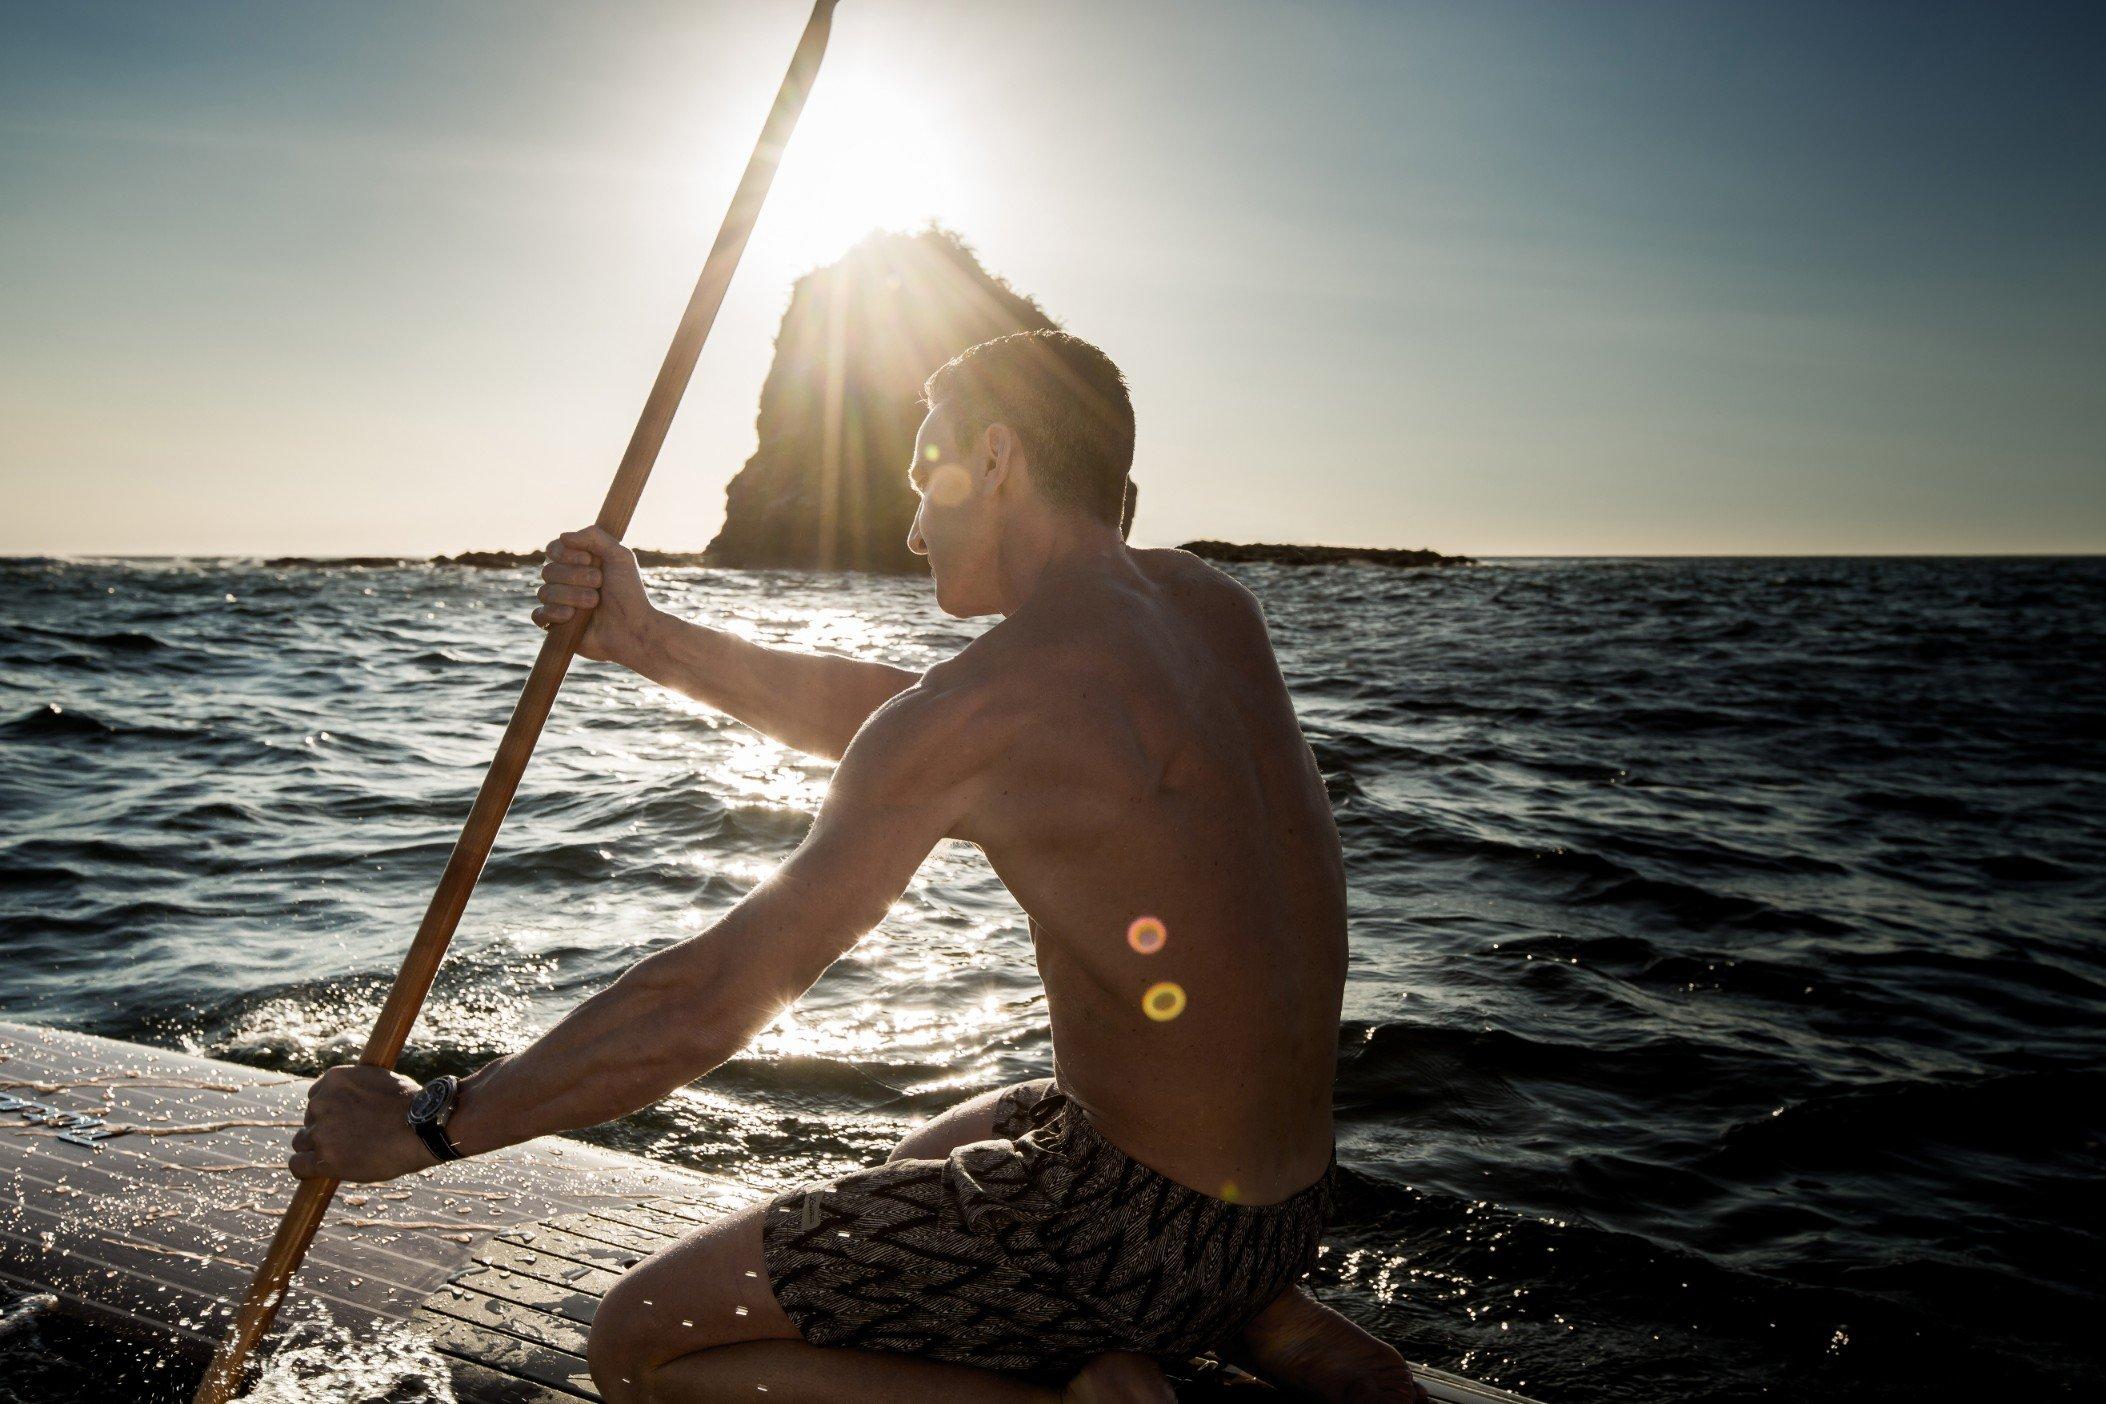 Beau Lake ouvre une nouvelle ère aux loisirs nautiques 5 - MontpelYeah Magazine